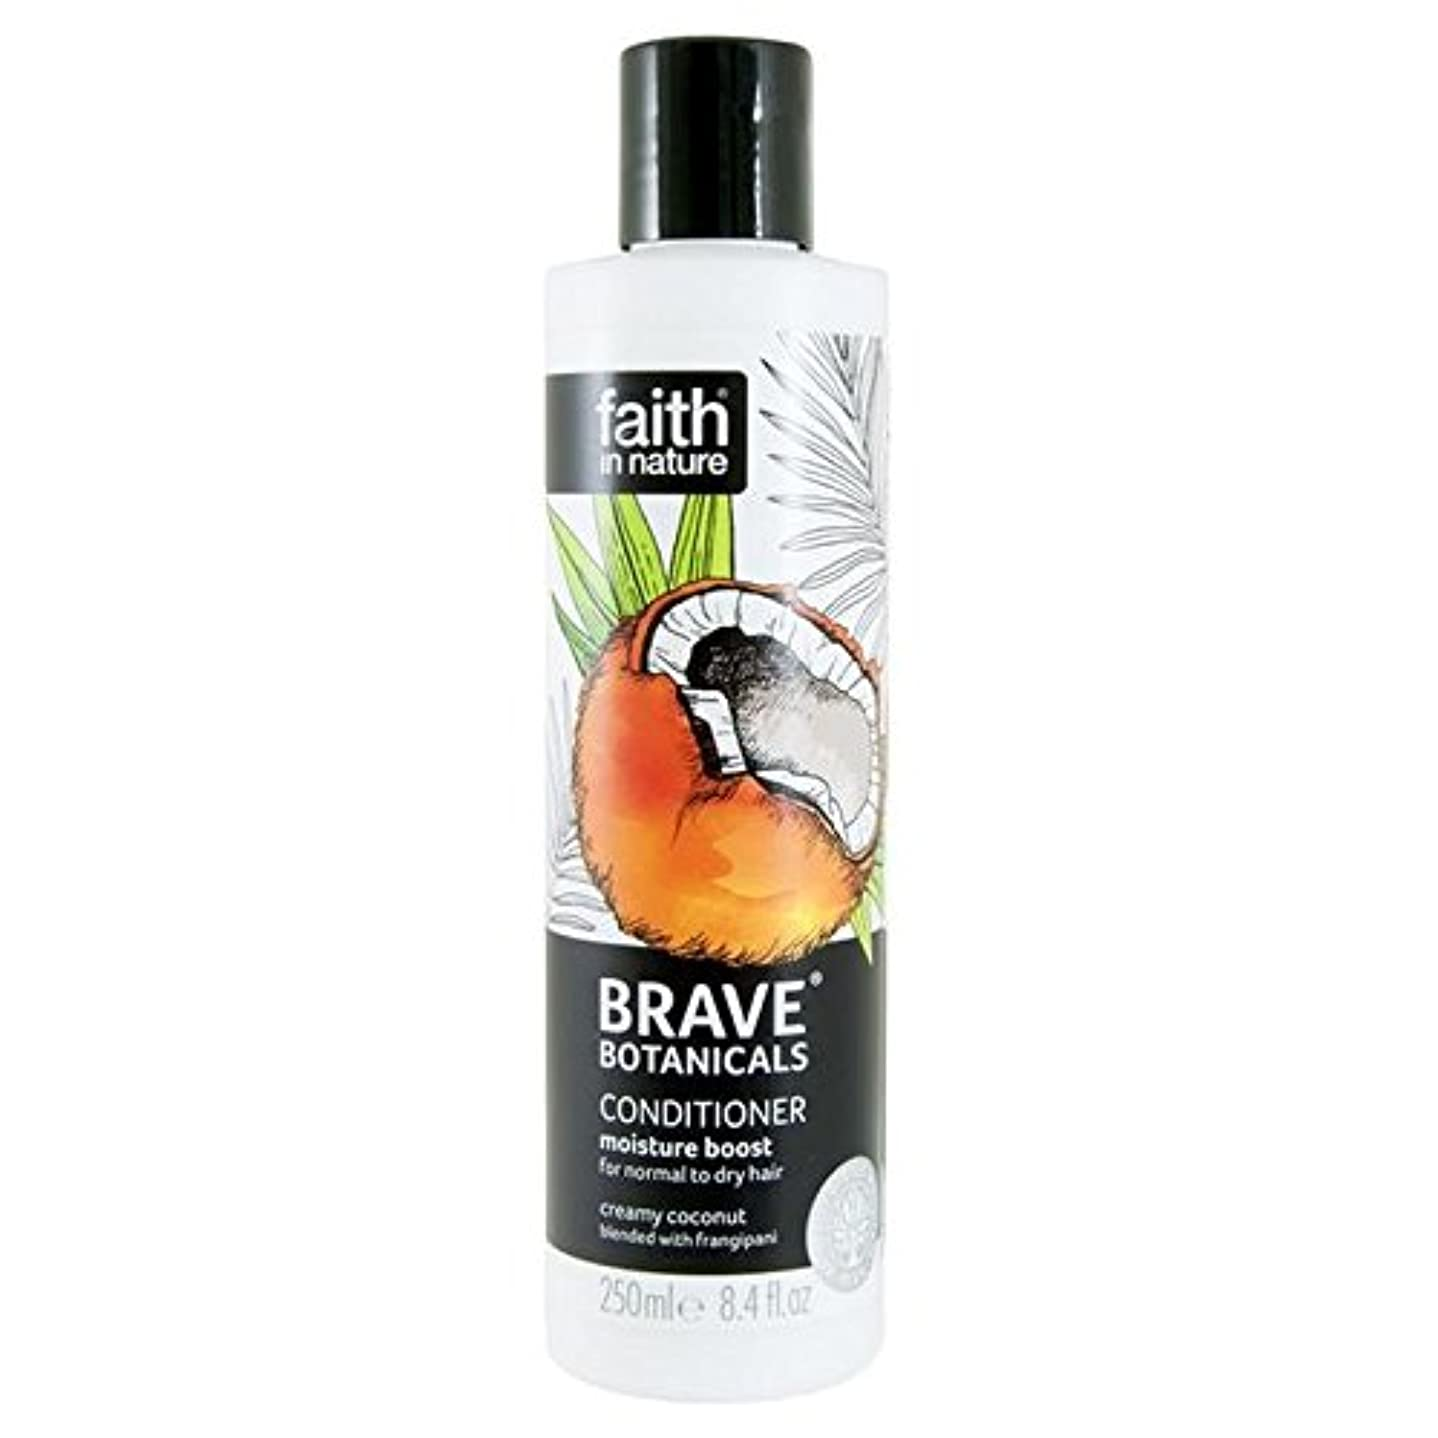 仲人マイクロ必要Brave Botanicals Coconut & Frangipani Moisture Boost Conditioner 250ml (Pack of 2) - (Faith In Nature) 勇敢な植物ココナッツ...